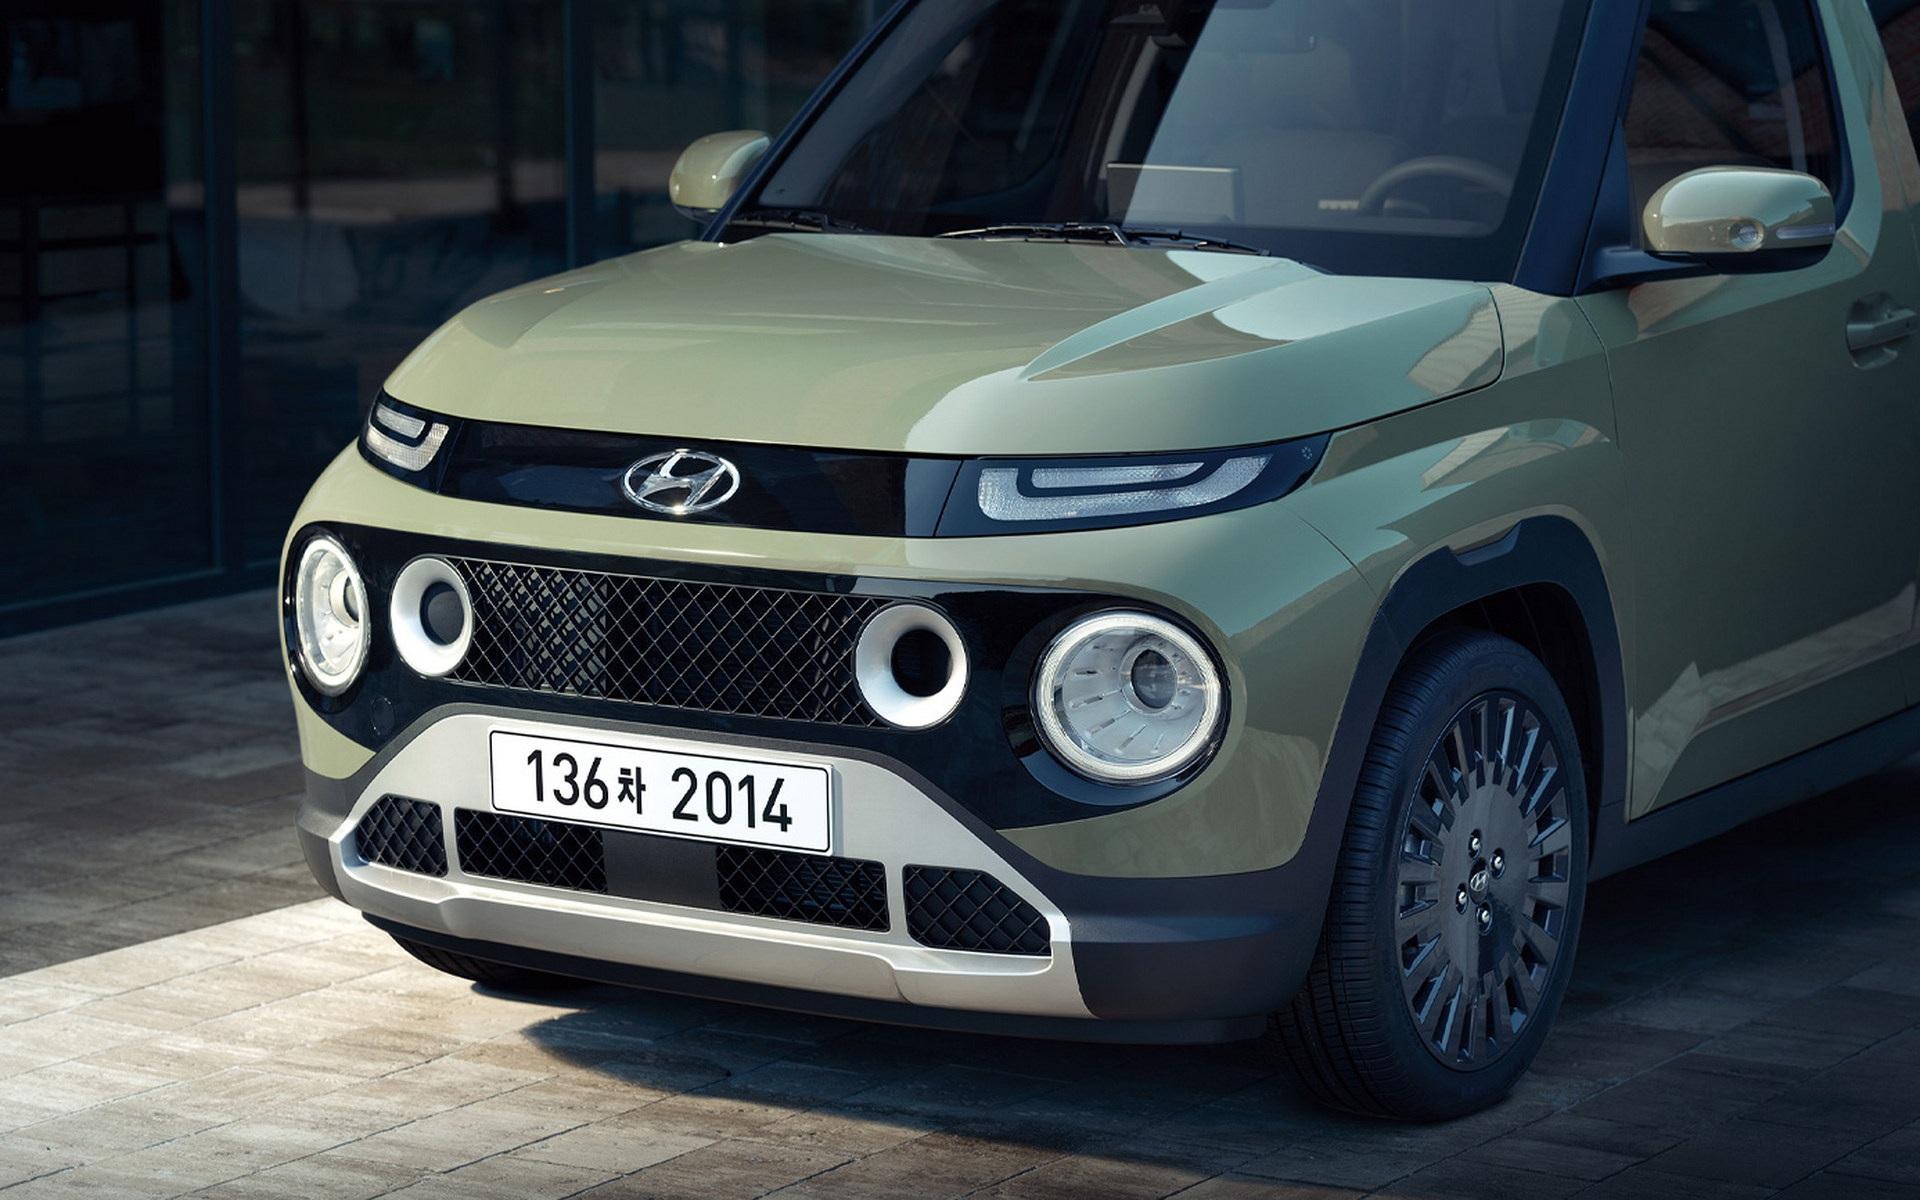 Mở bán tân binh Casper- mẫu SUV rẻ nhất của Hyundai - Ảnh 5.